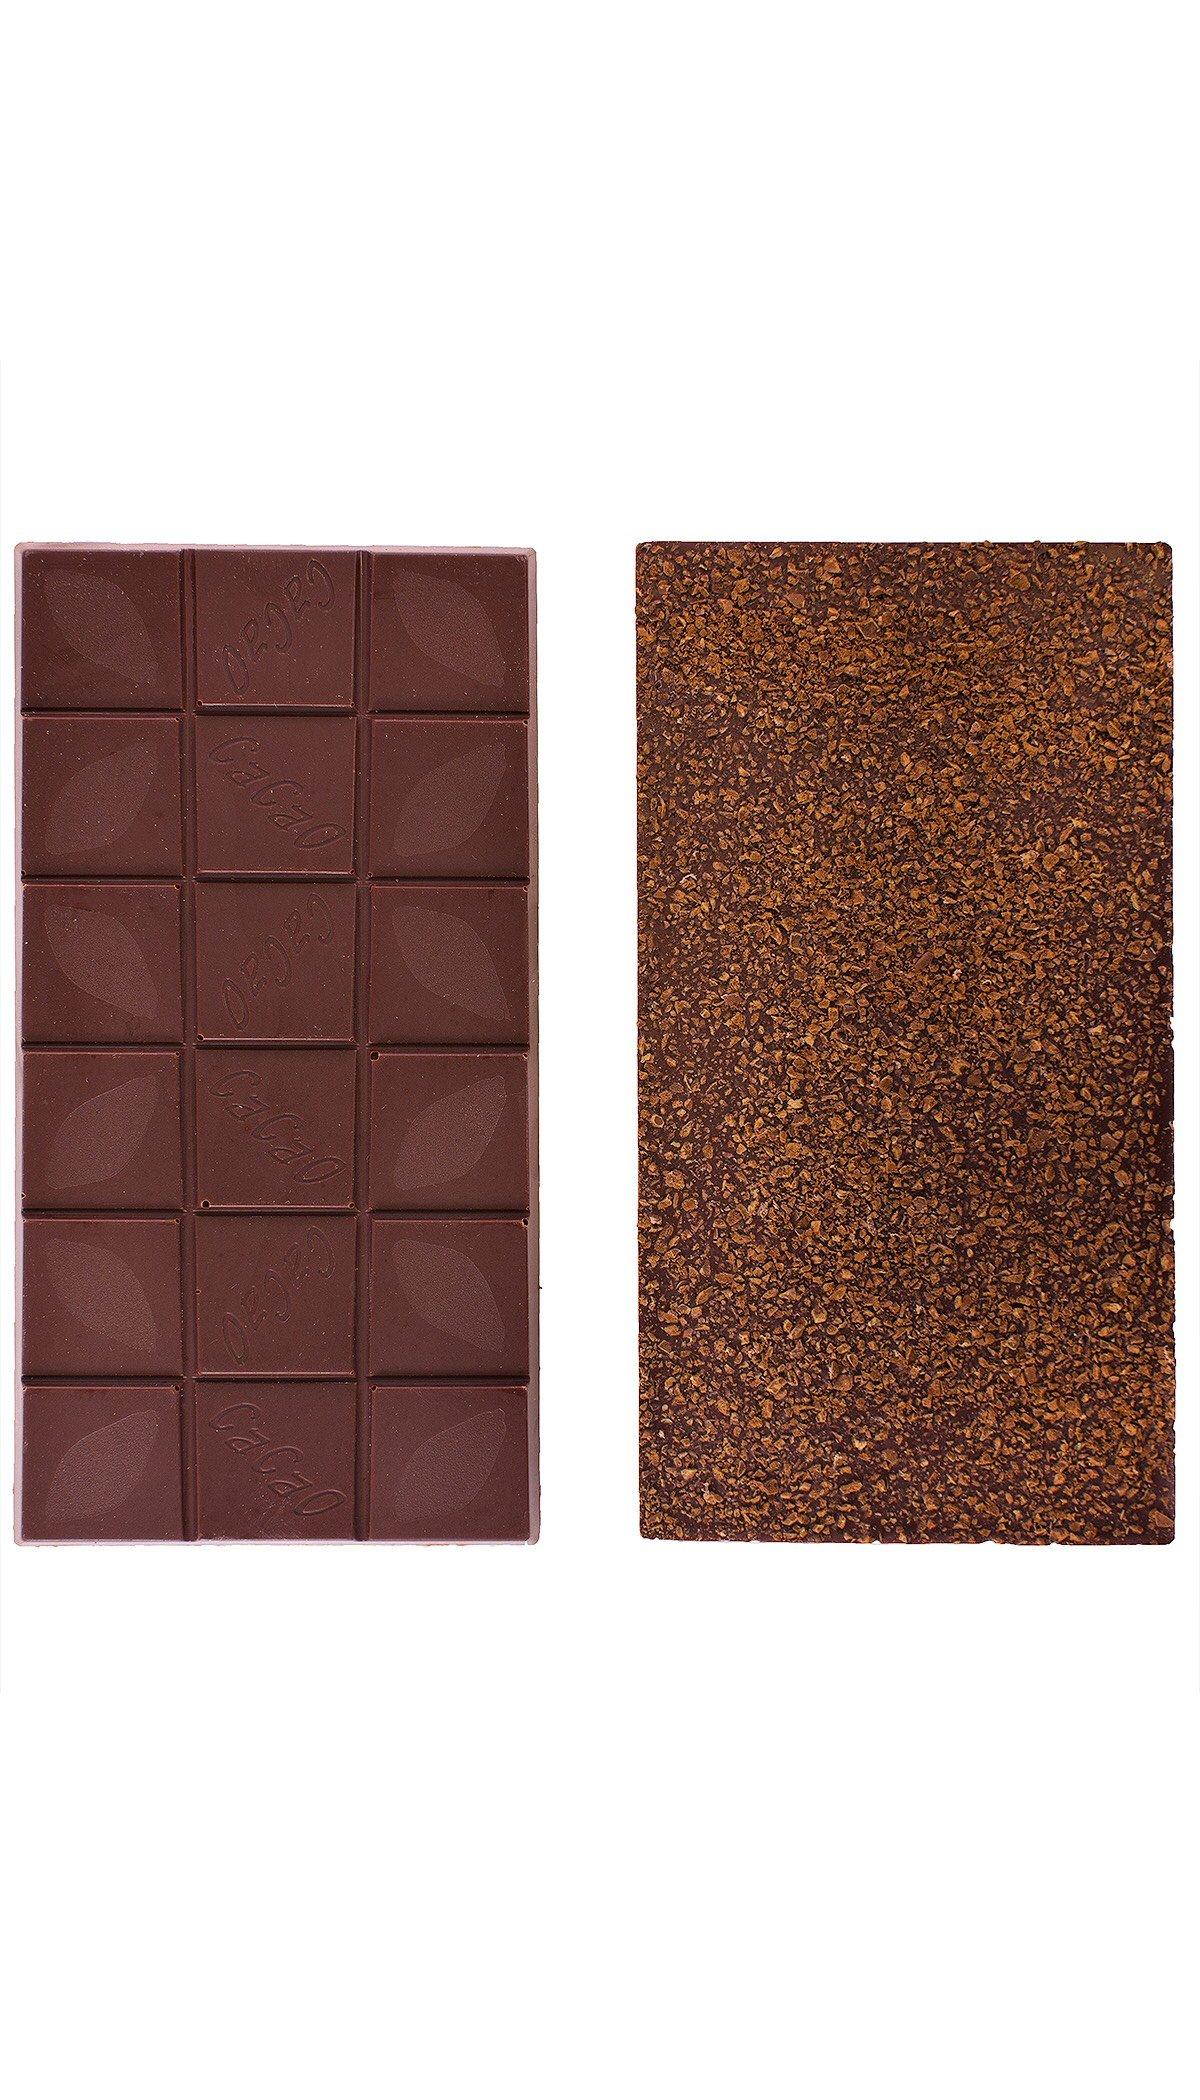 Choklad 75% med kaffe, 90g